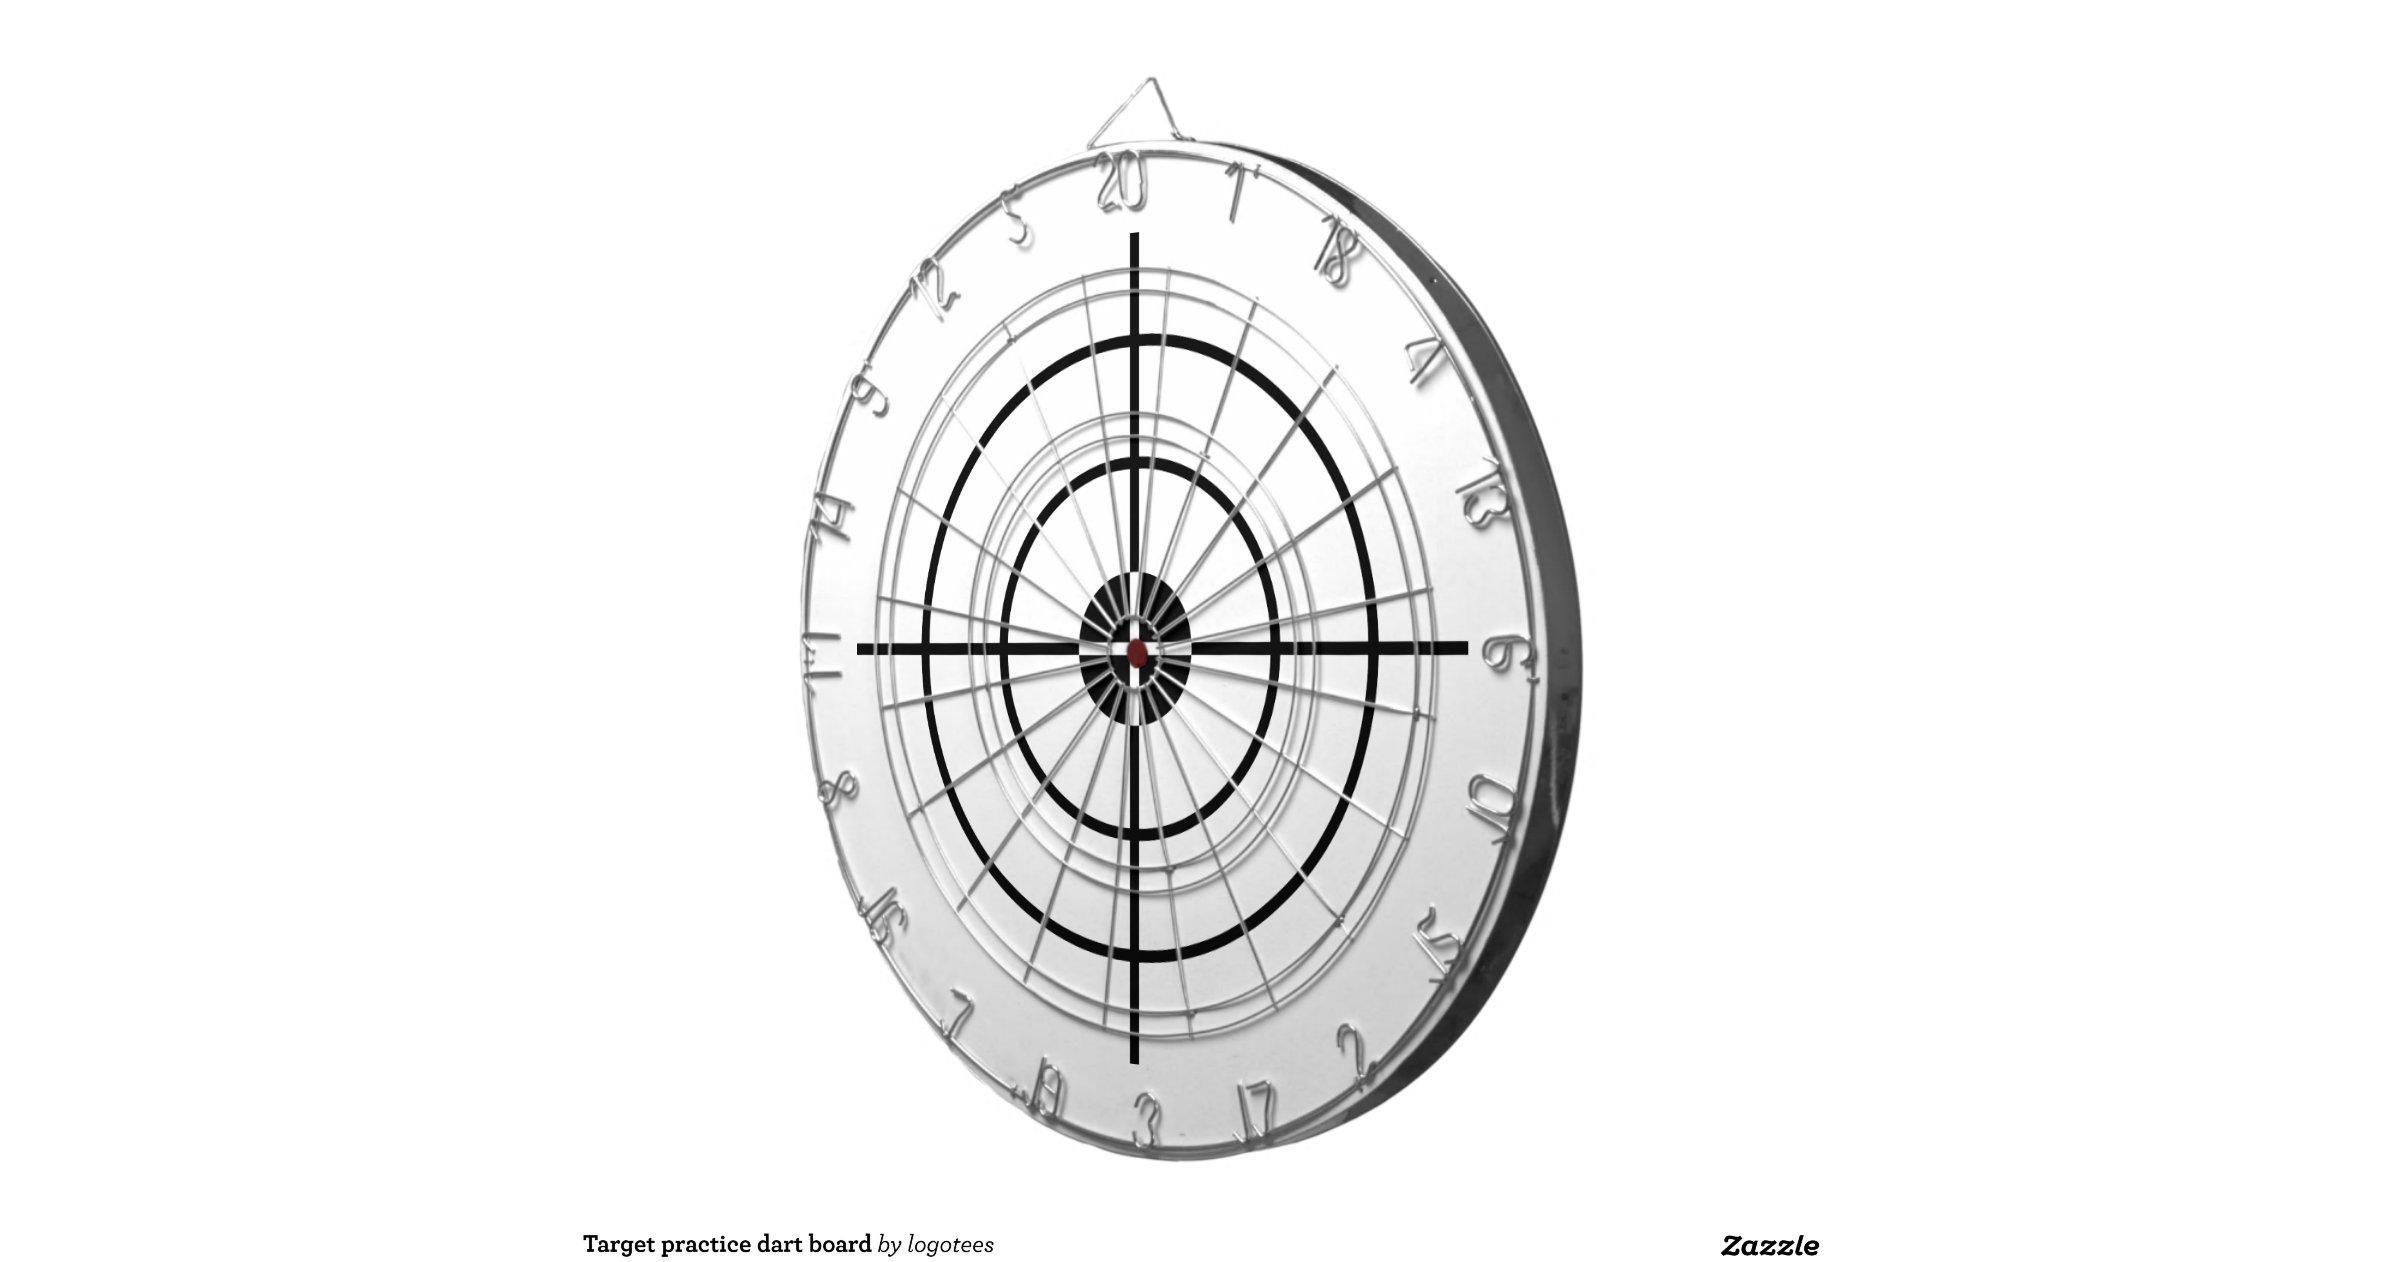 Panneau de dard de pratique en mati re de cible jeu de fl chettes zazzle - En matiere de synonyme ...